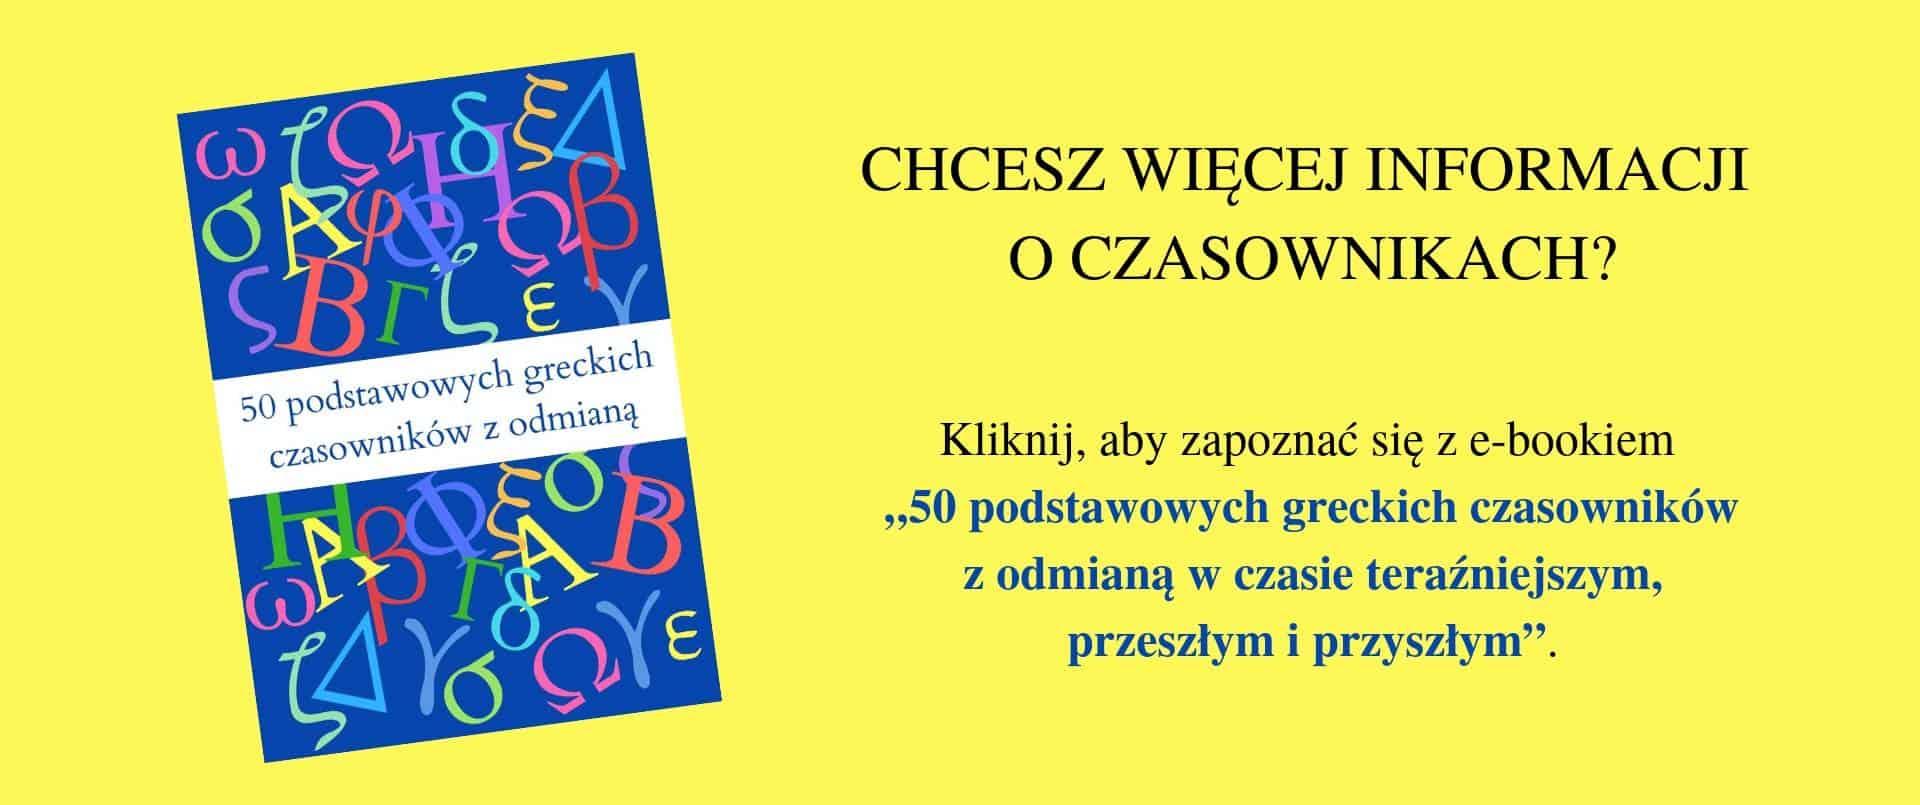 Kliknij, aby zapoznać się z e-bookiem o greckich czasownikach.